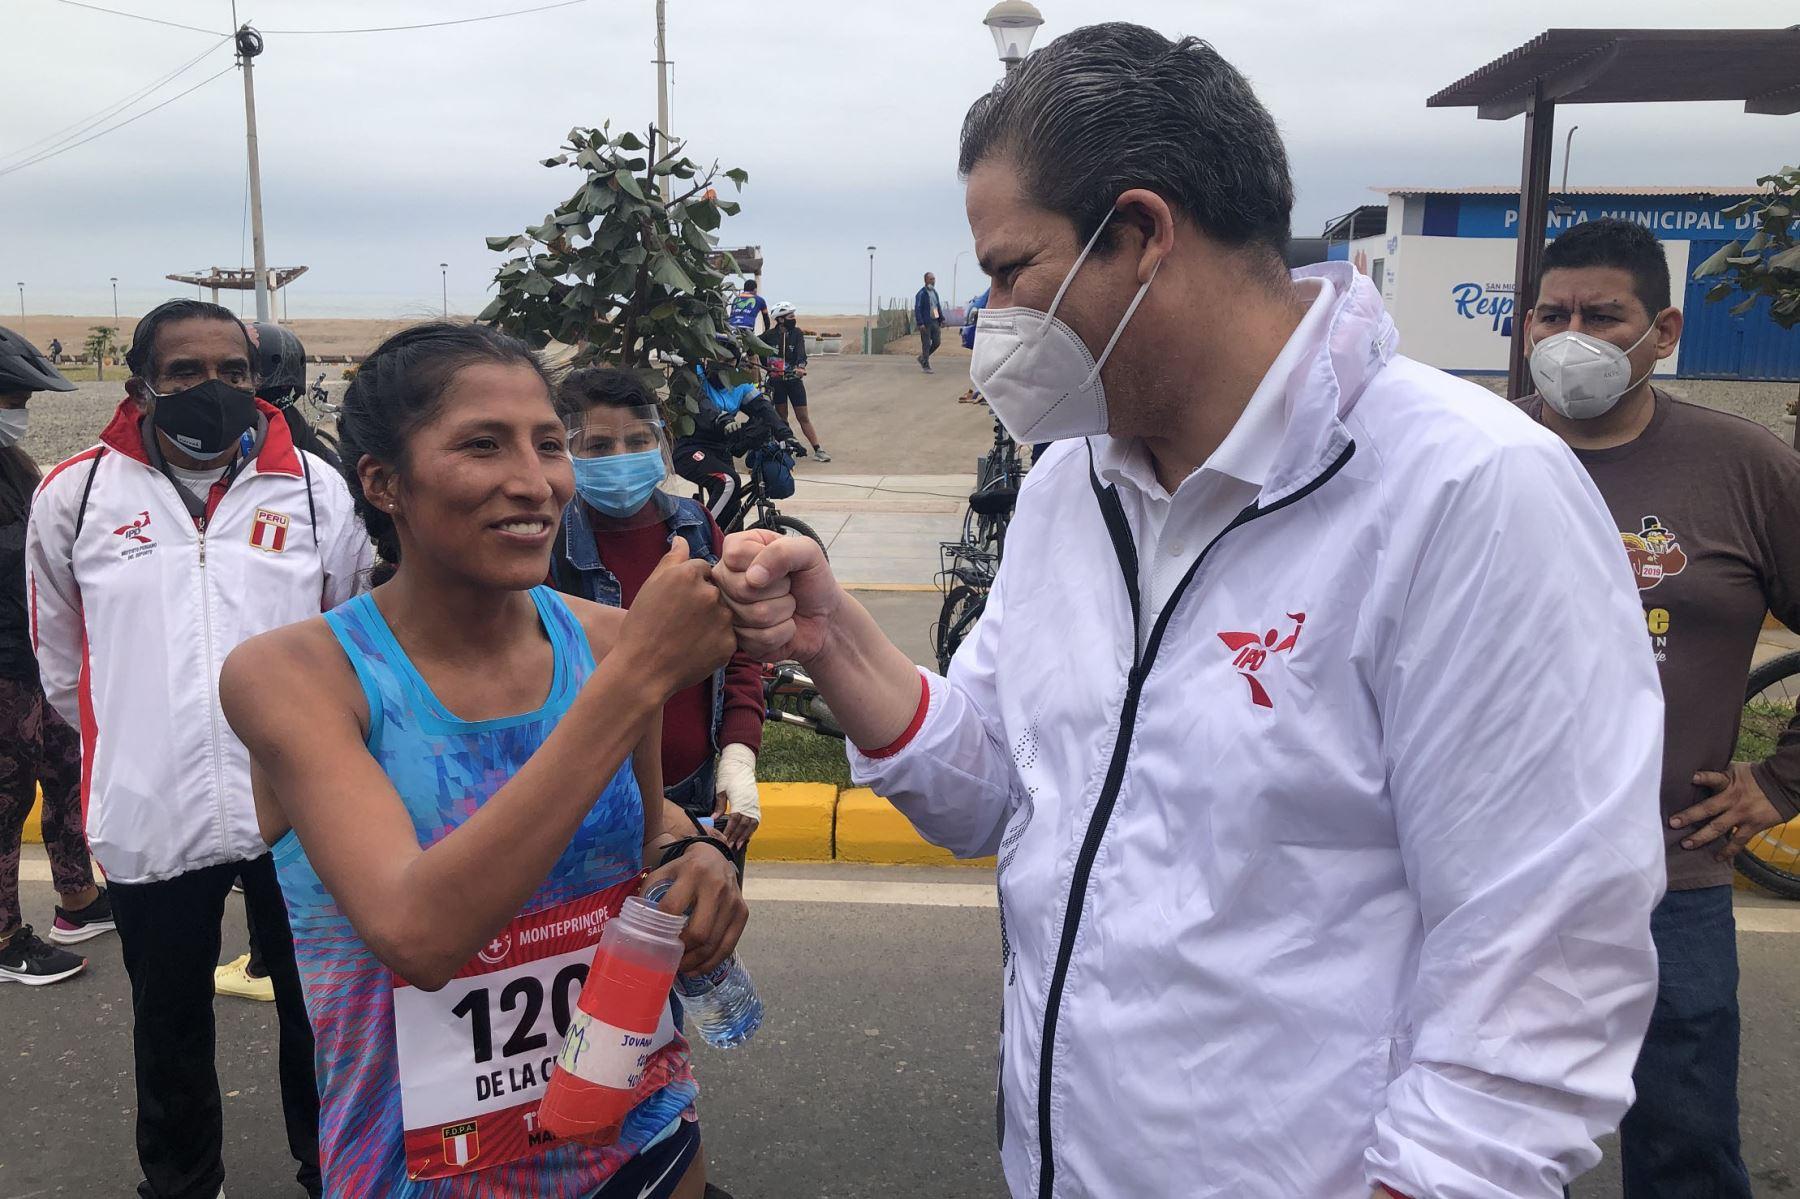 Gustavo San Martín saluda a Jovana de la Cruz por haber alcanzado el cupo a los Juegos Olímpicos Tokio 2020. Foto: ANDINA/Difusión